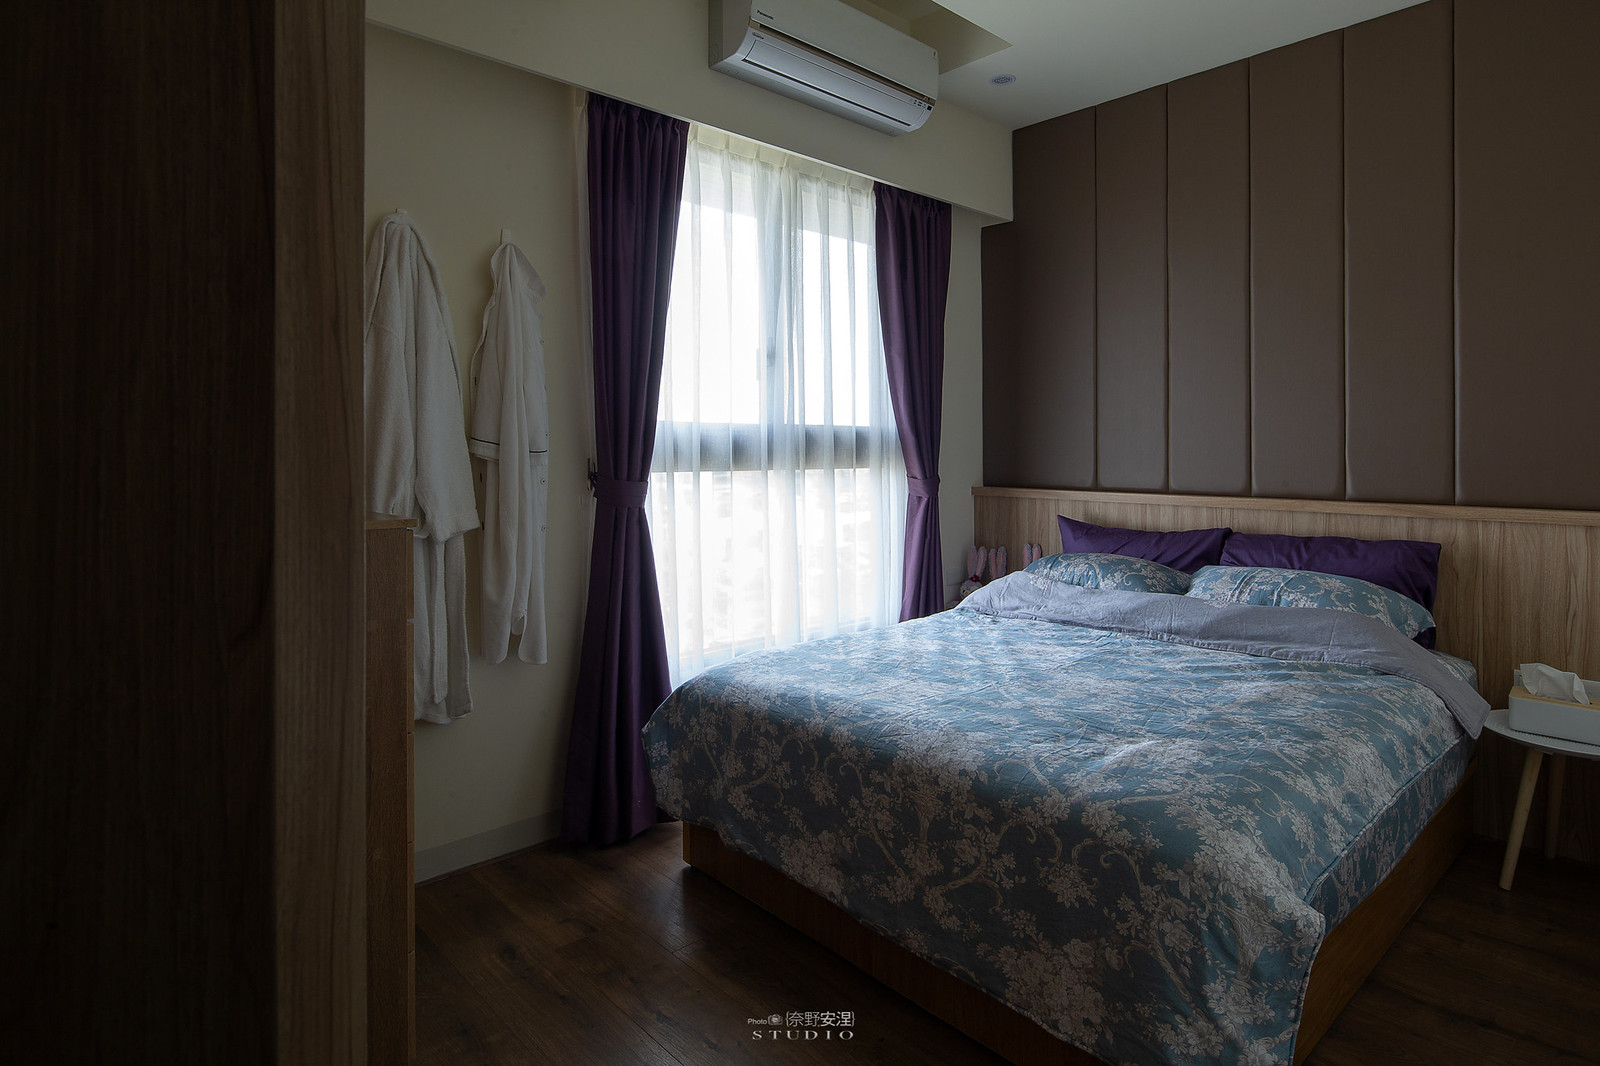 華友聯evo-室內設計師-方子豪 | 女孩的夢想衣櫃-6